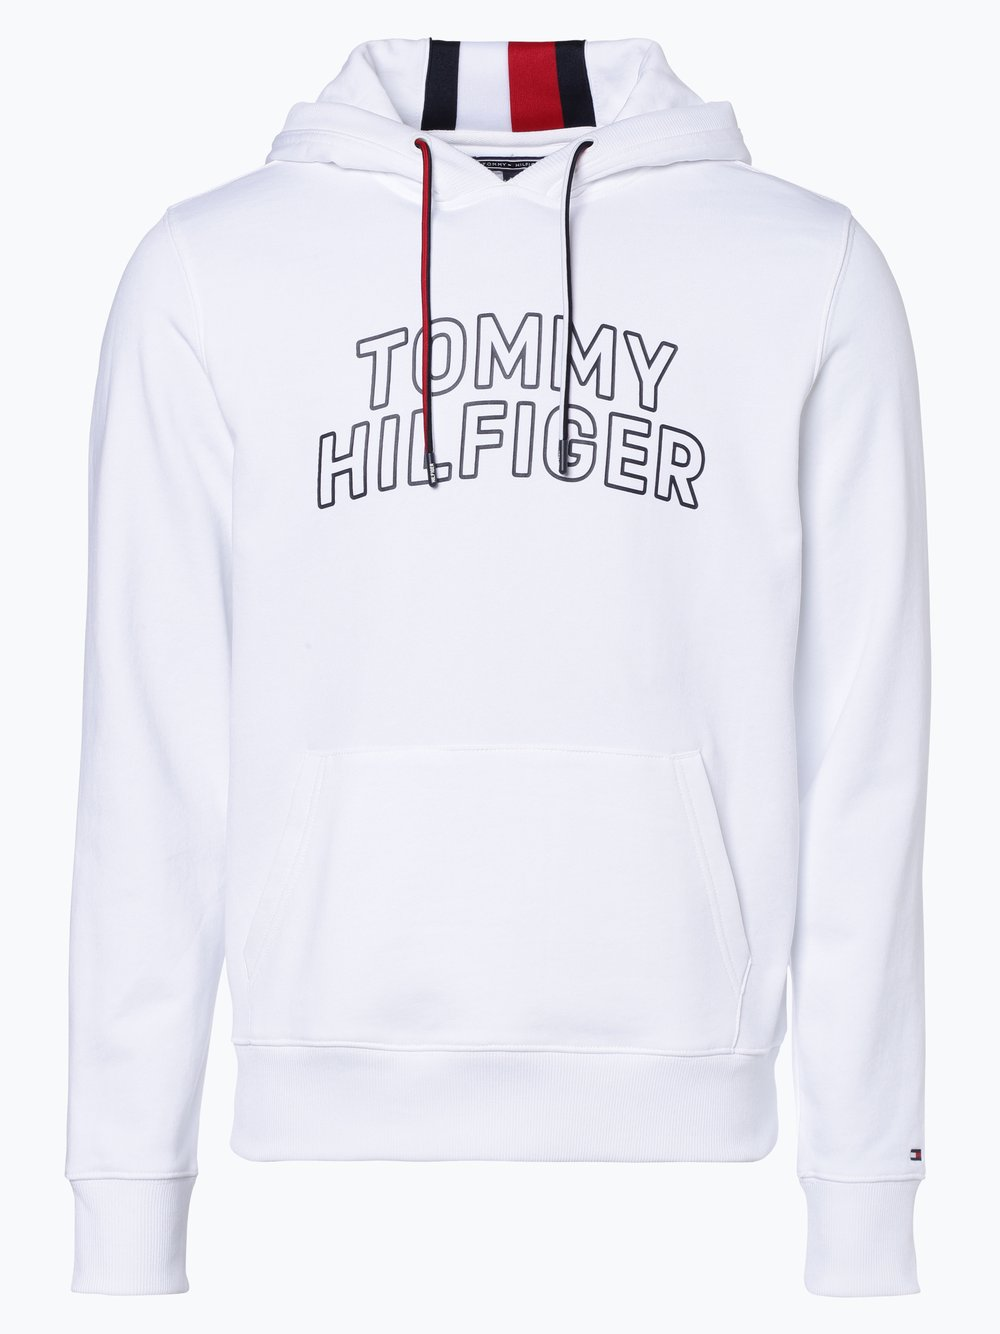 Tommy Hilfiger Herren Sweatshirt online kaufen | PEEK UND